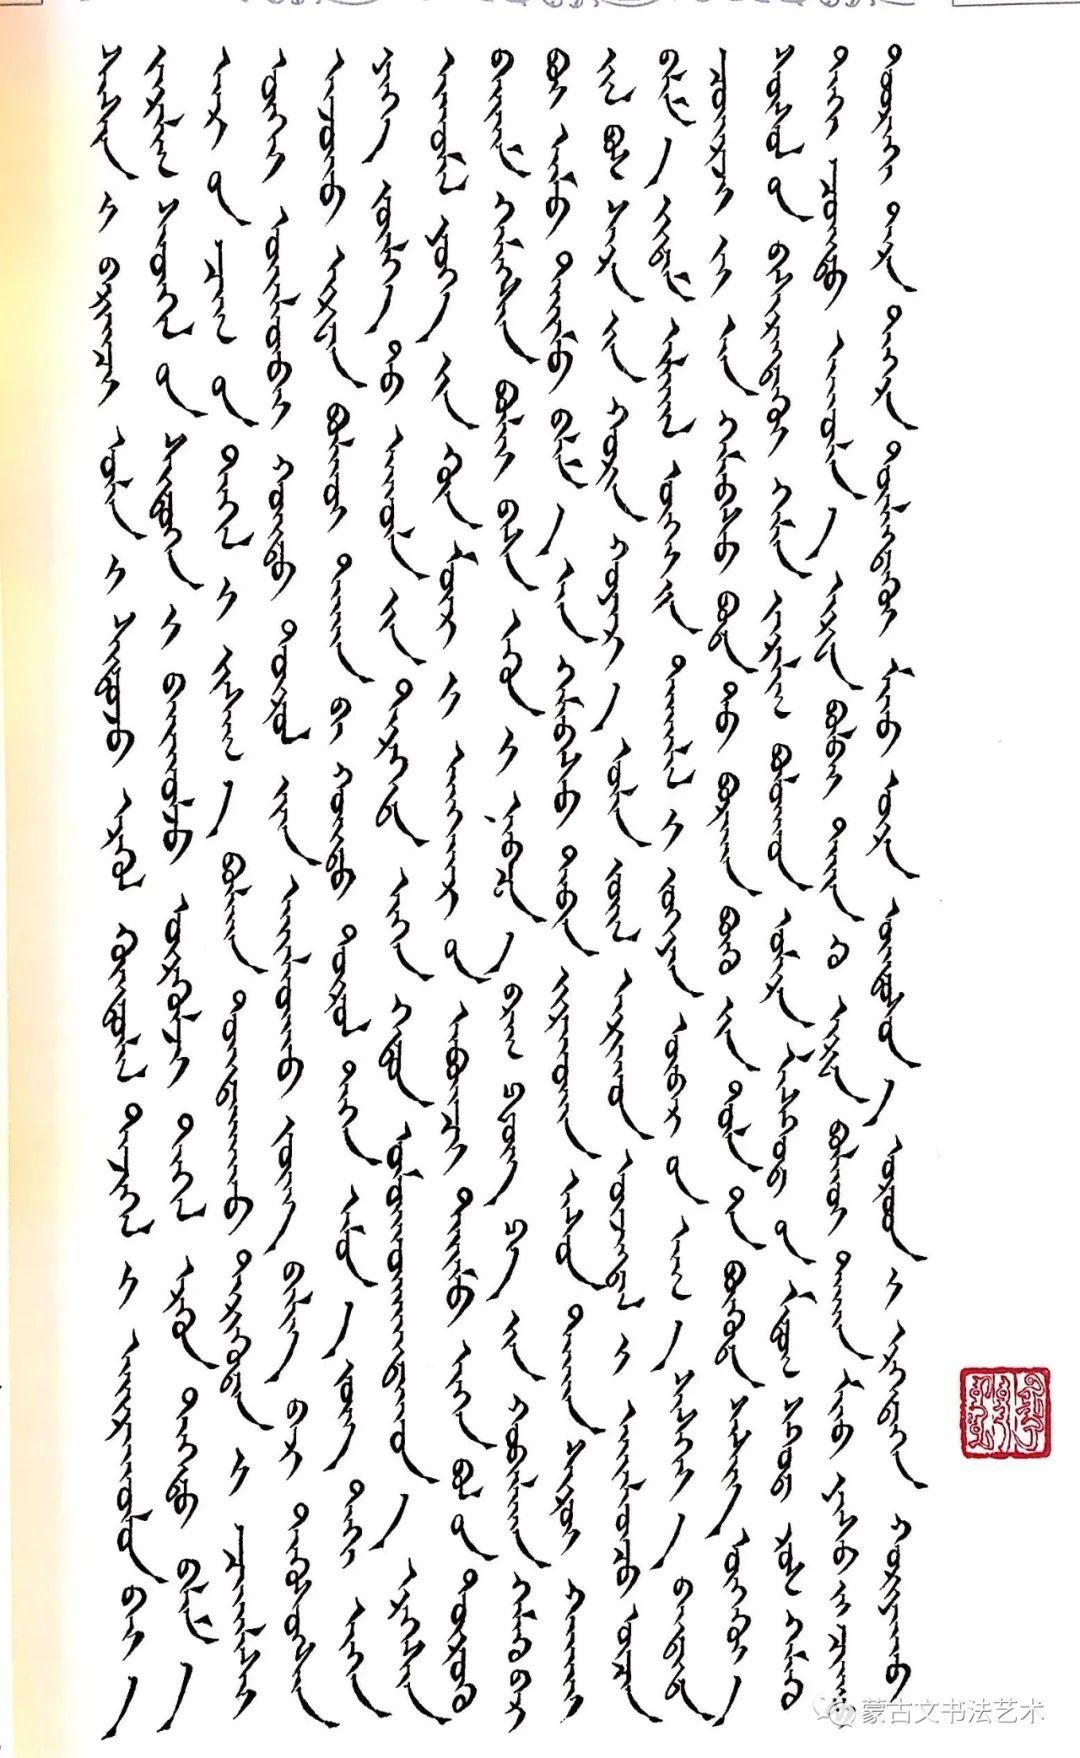 孟克德力格尔楷书著作《八思巴传》 第3张